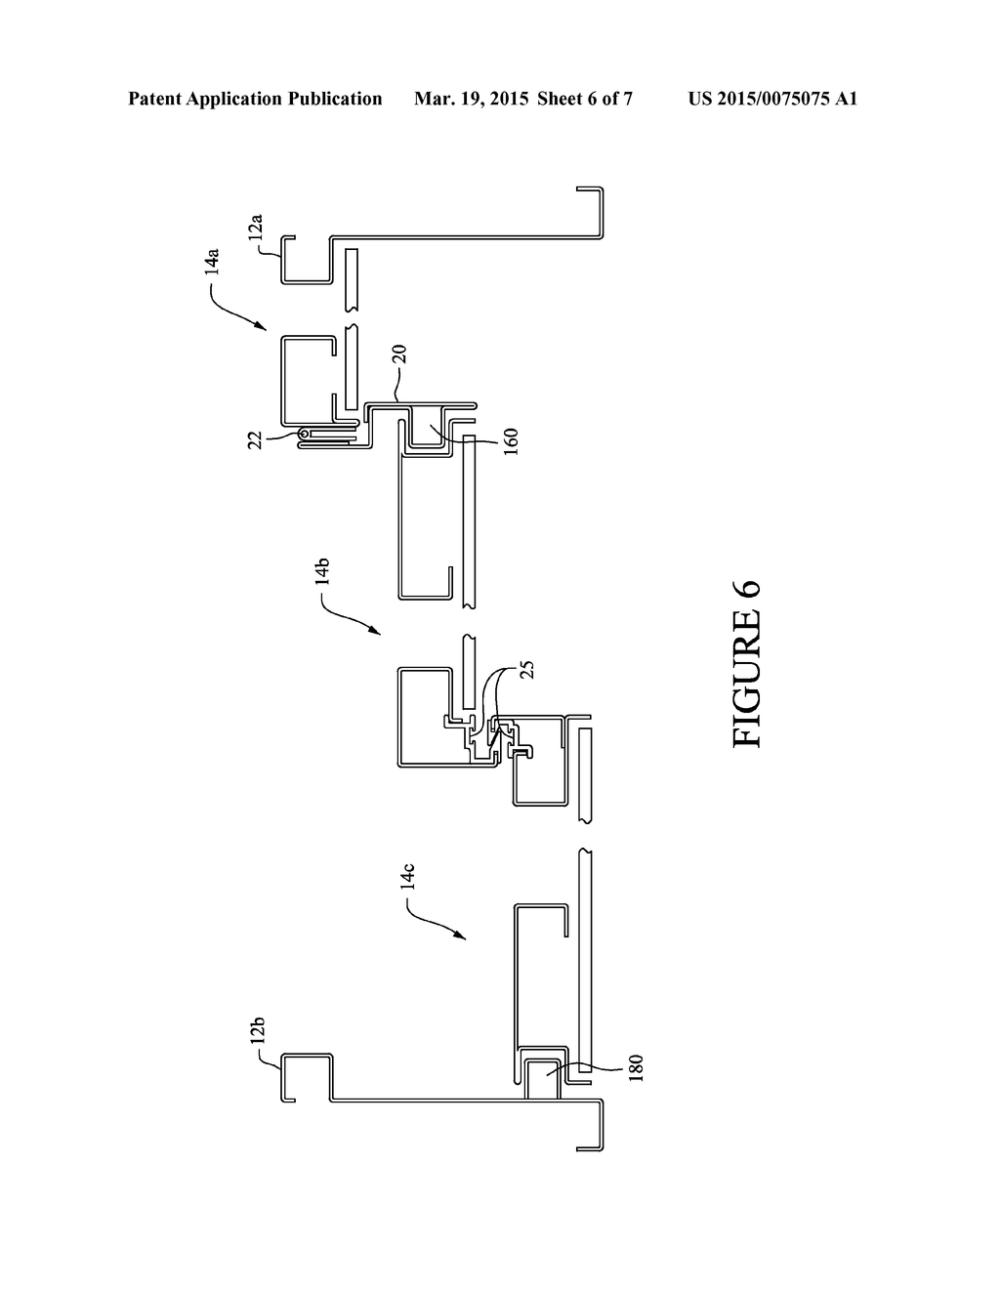 medium resolution of double acting patio door diagram schematic and image 07 garage door opener wiring diagram patio door schematic